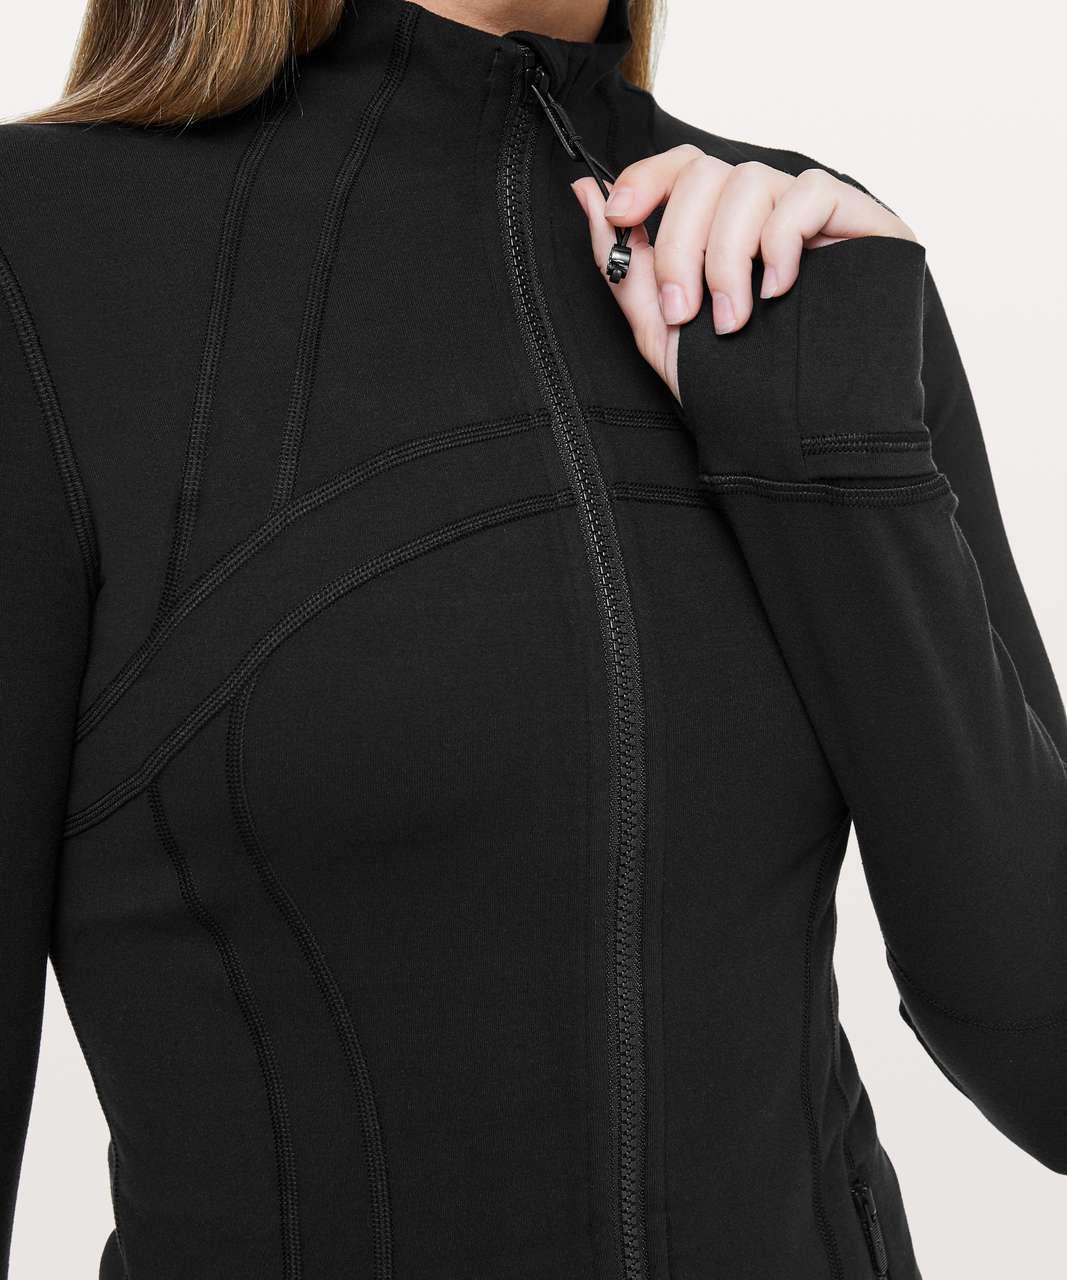 Lululemon Define Jacket *Rulu - Black